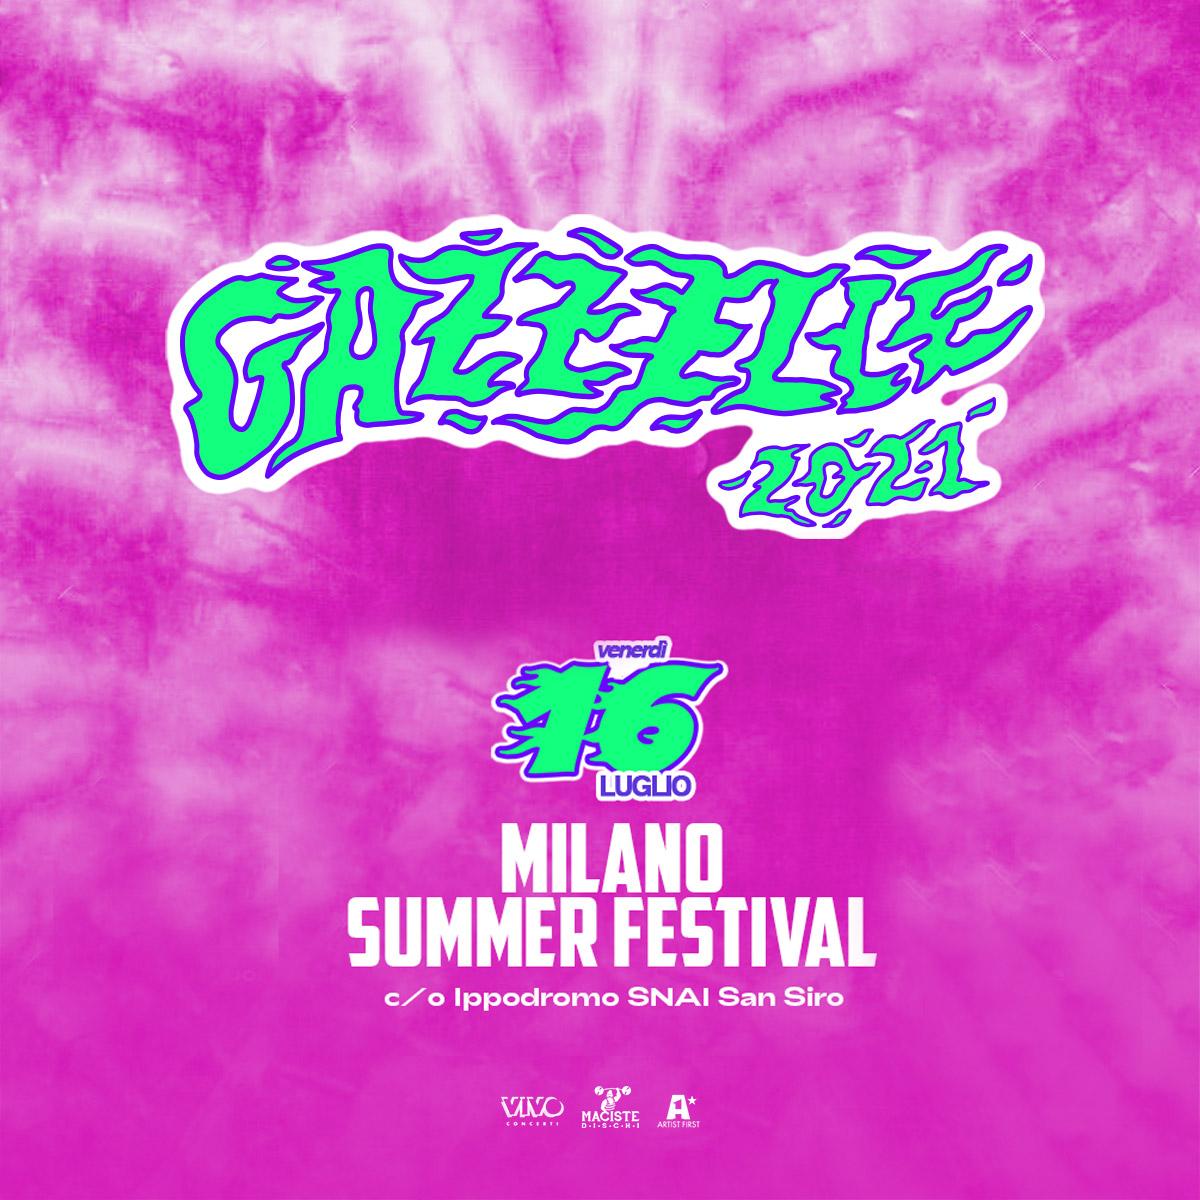 Gazzelle 16 luglio 2021